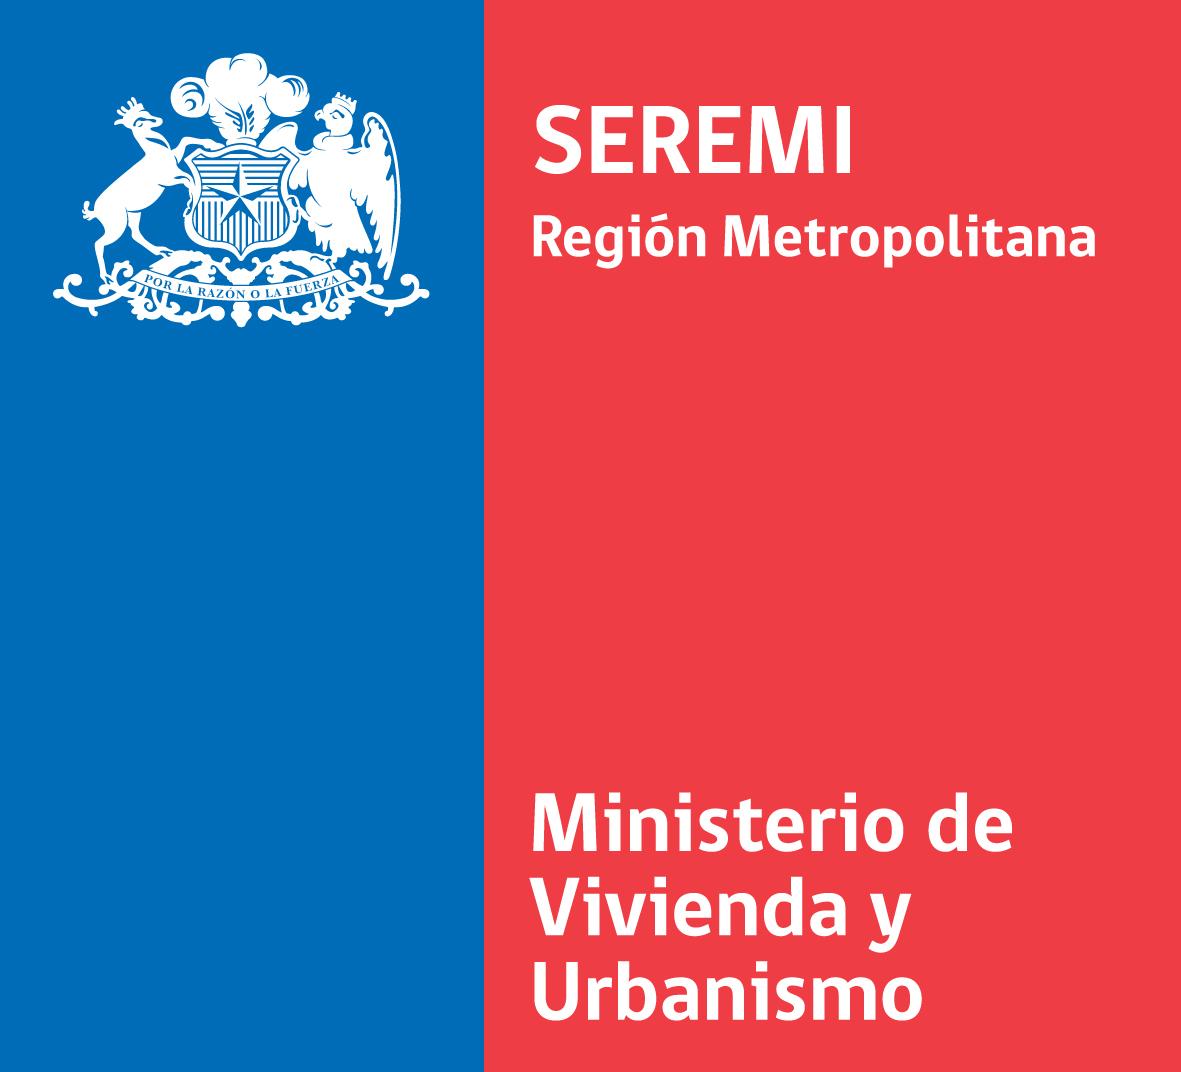 LOGO NUEVO SEREMI_Region_Metropolitana